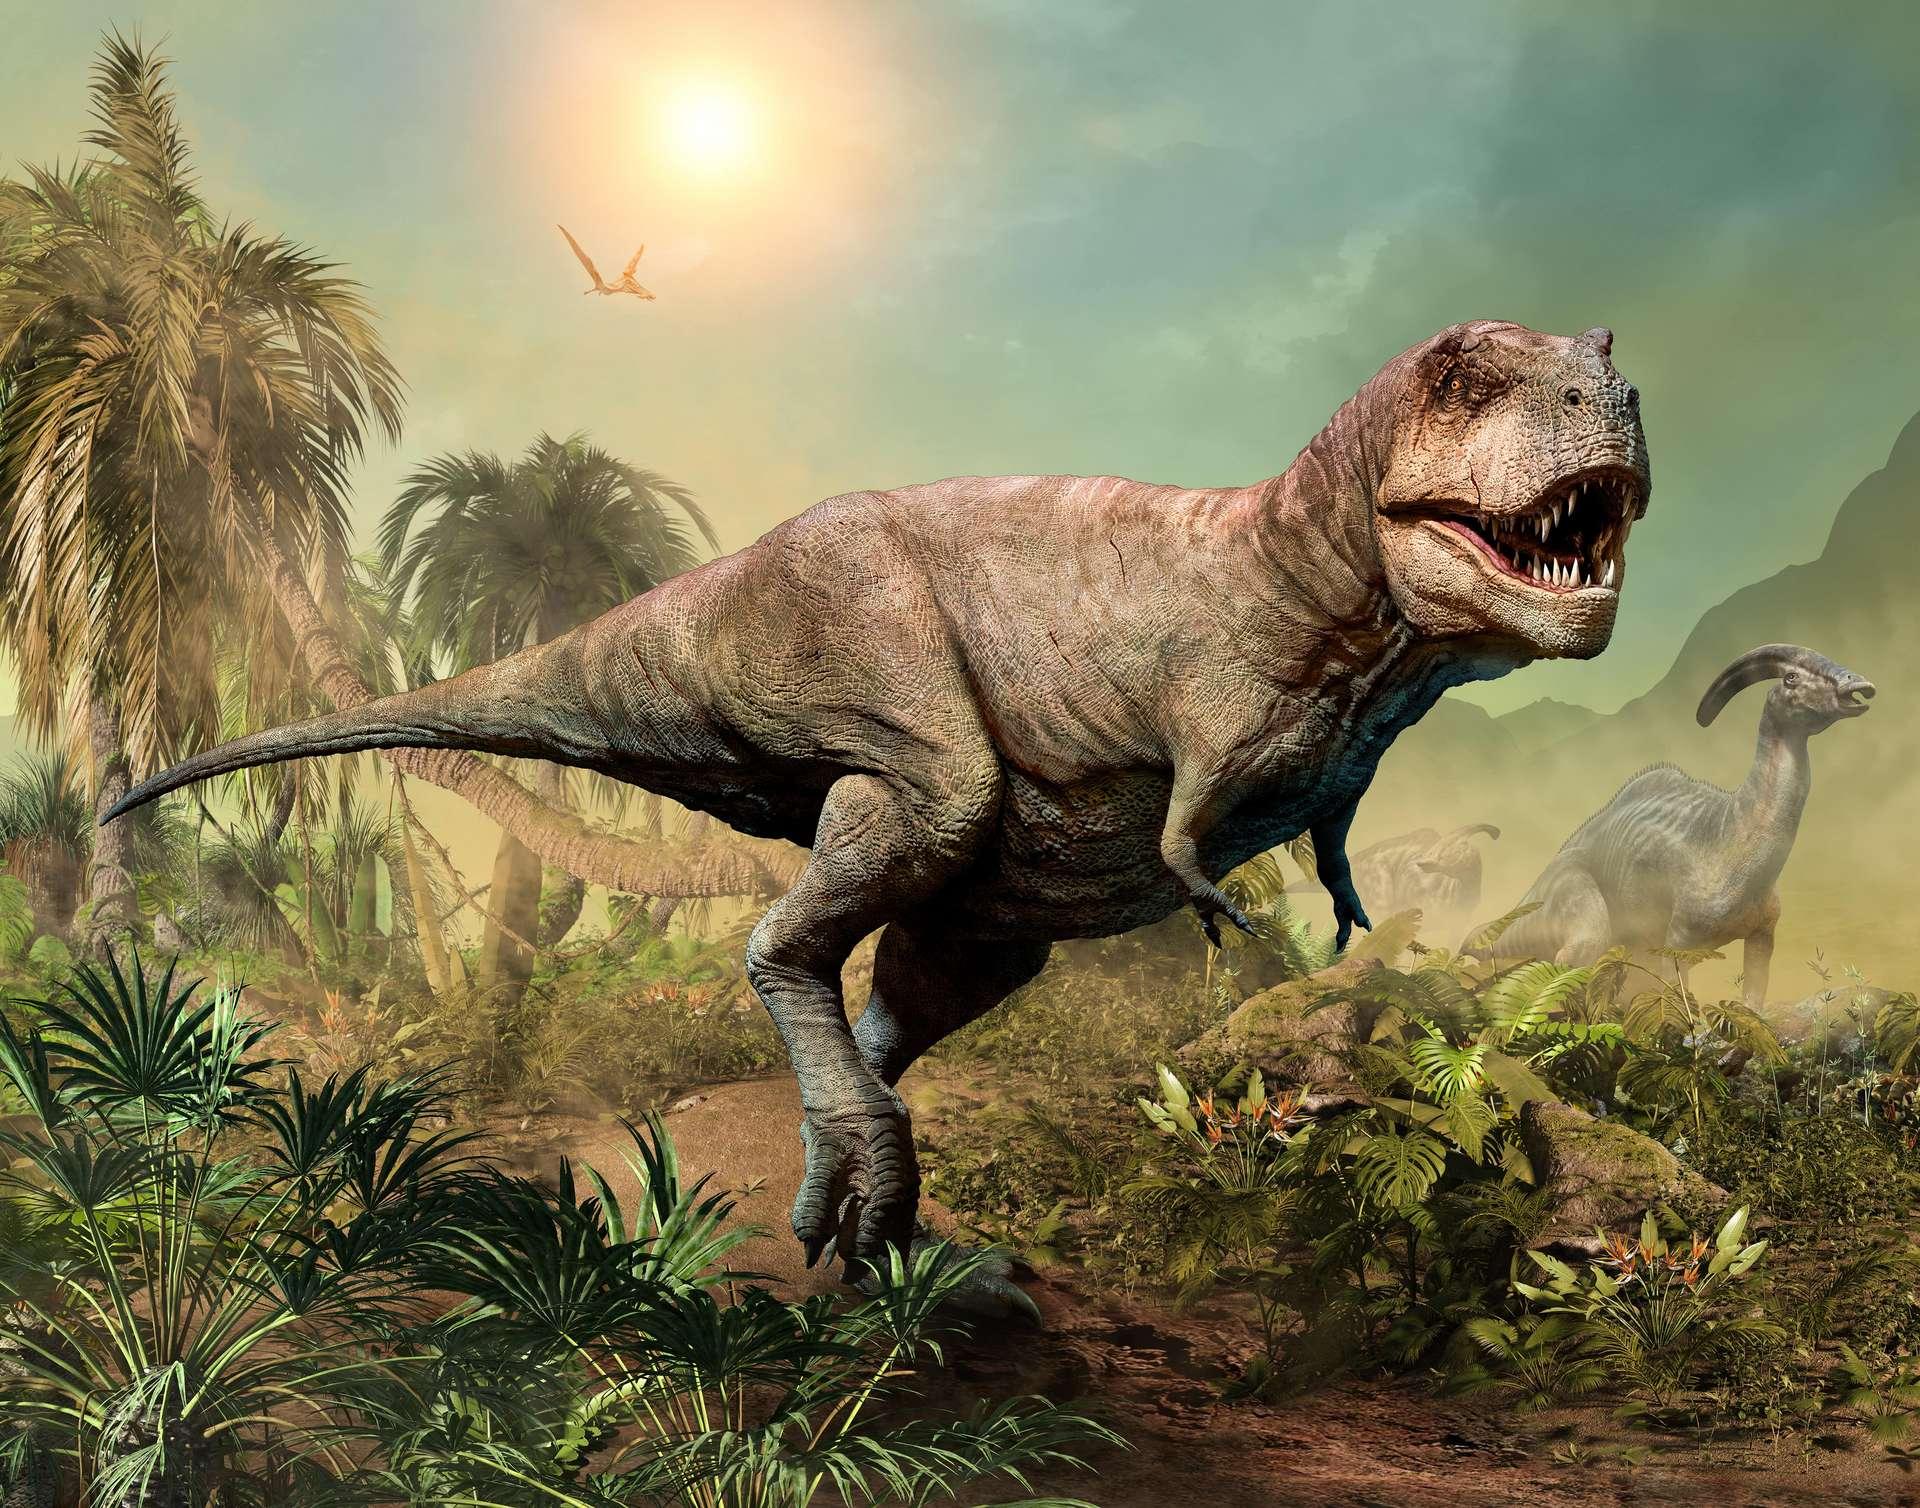 Le tyrannosaure a parcouru les terres du monde il y a 68 à 66 millions d'années, avant de disparaître durant l'extinction du Crétacé-Paléocène. © Warpaintcobra, Adobe Stock